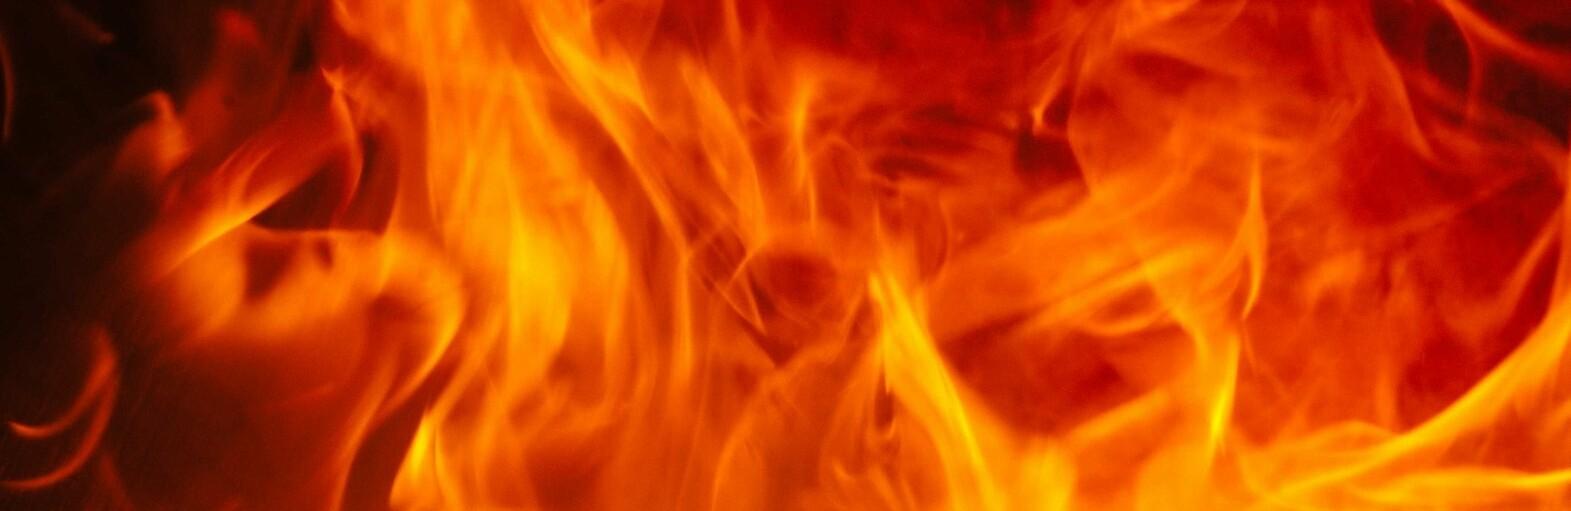 В Одесской области из-за пожара погиб мужчина, - ФОТО0